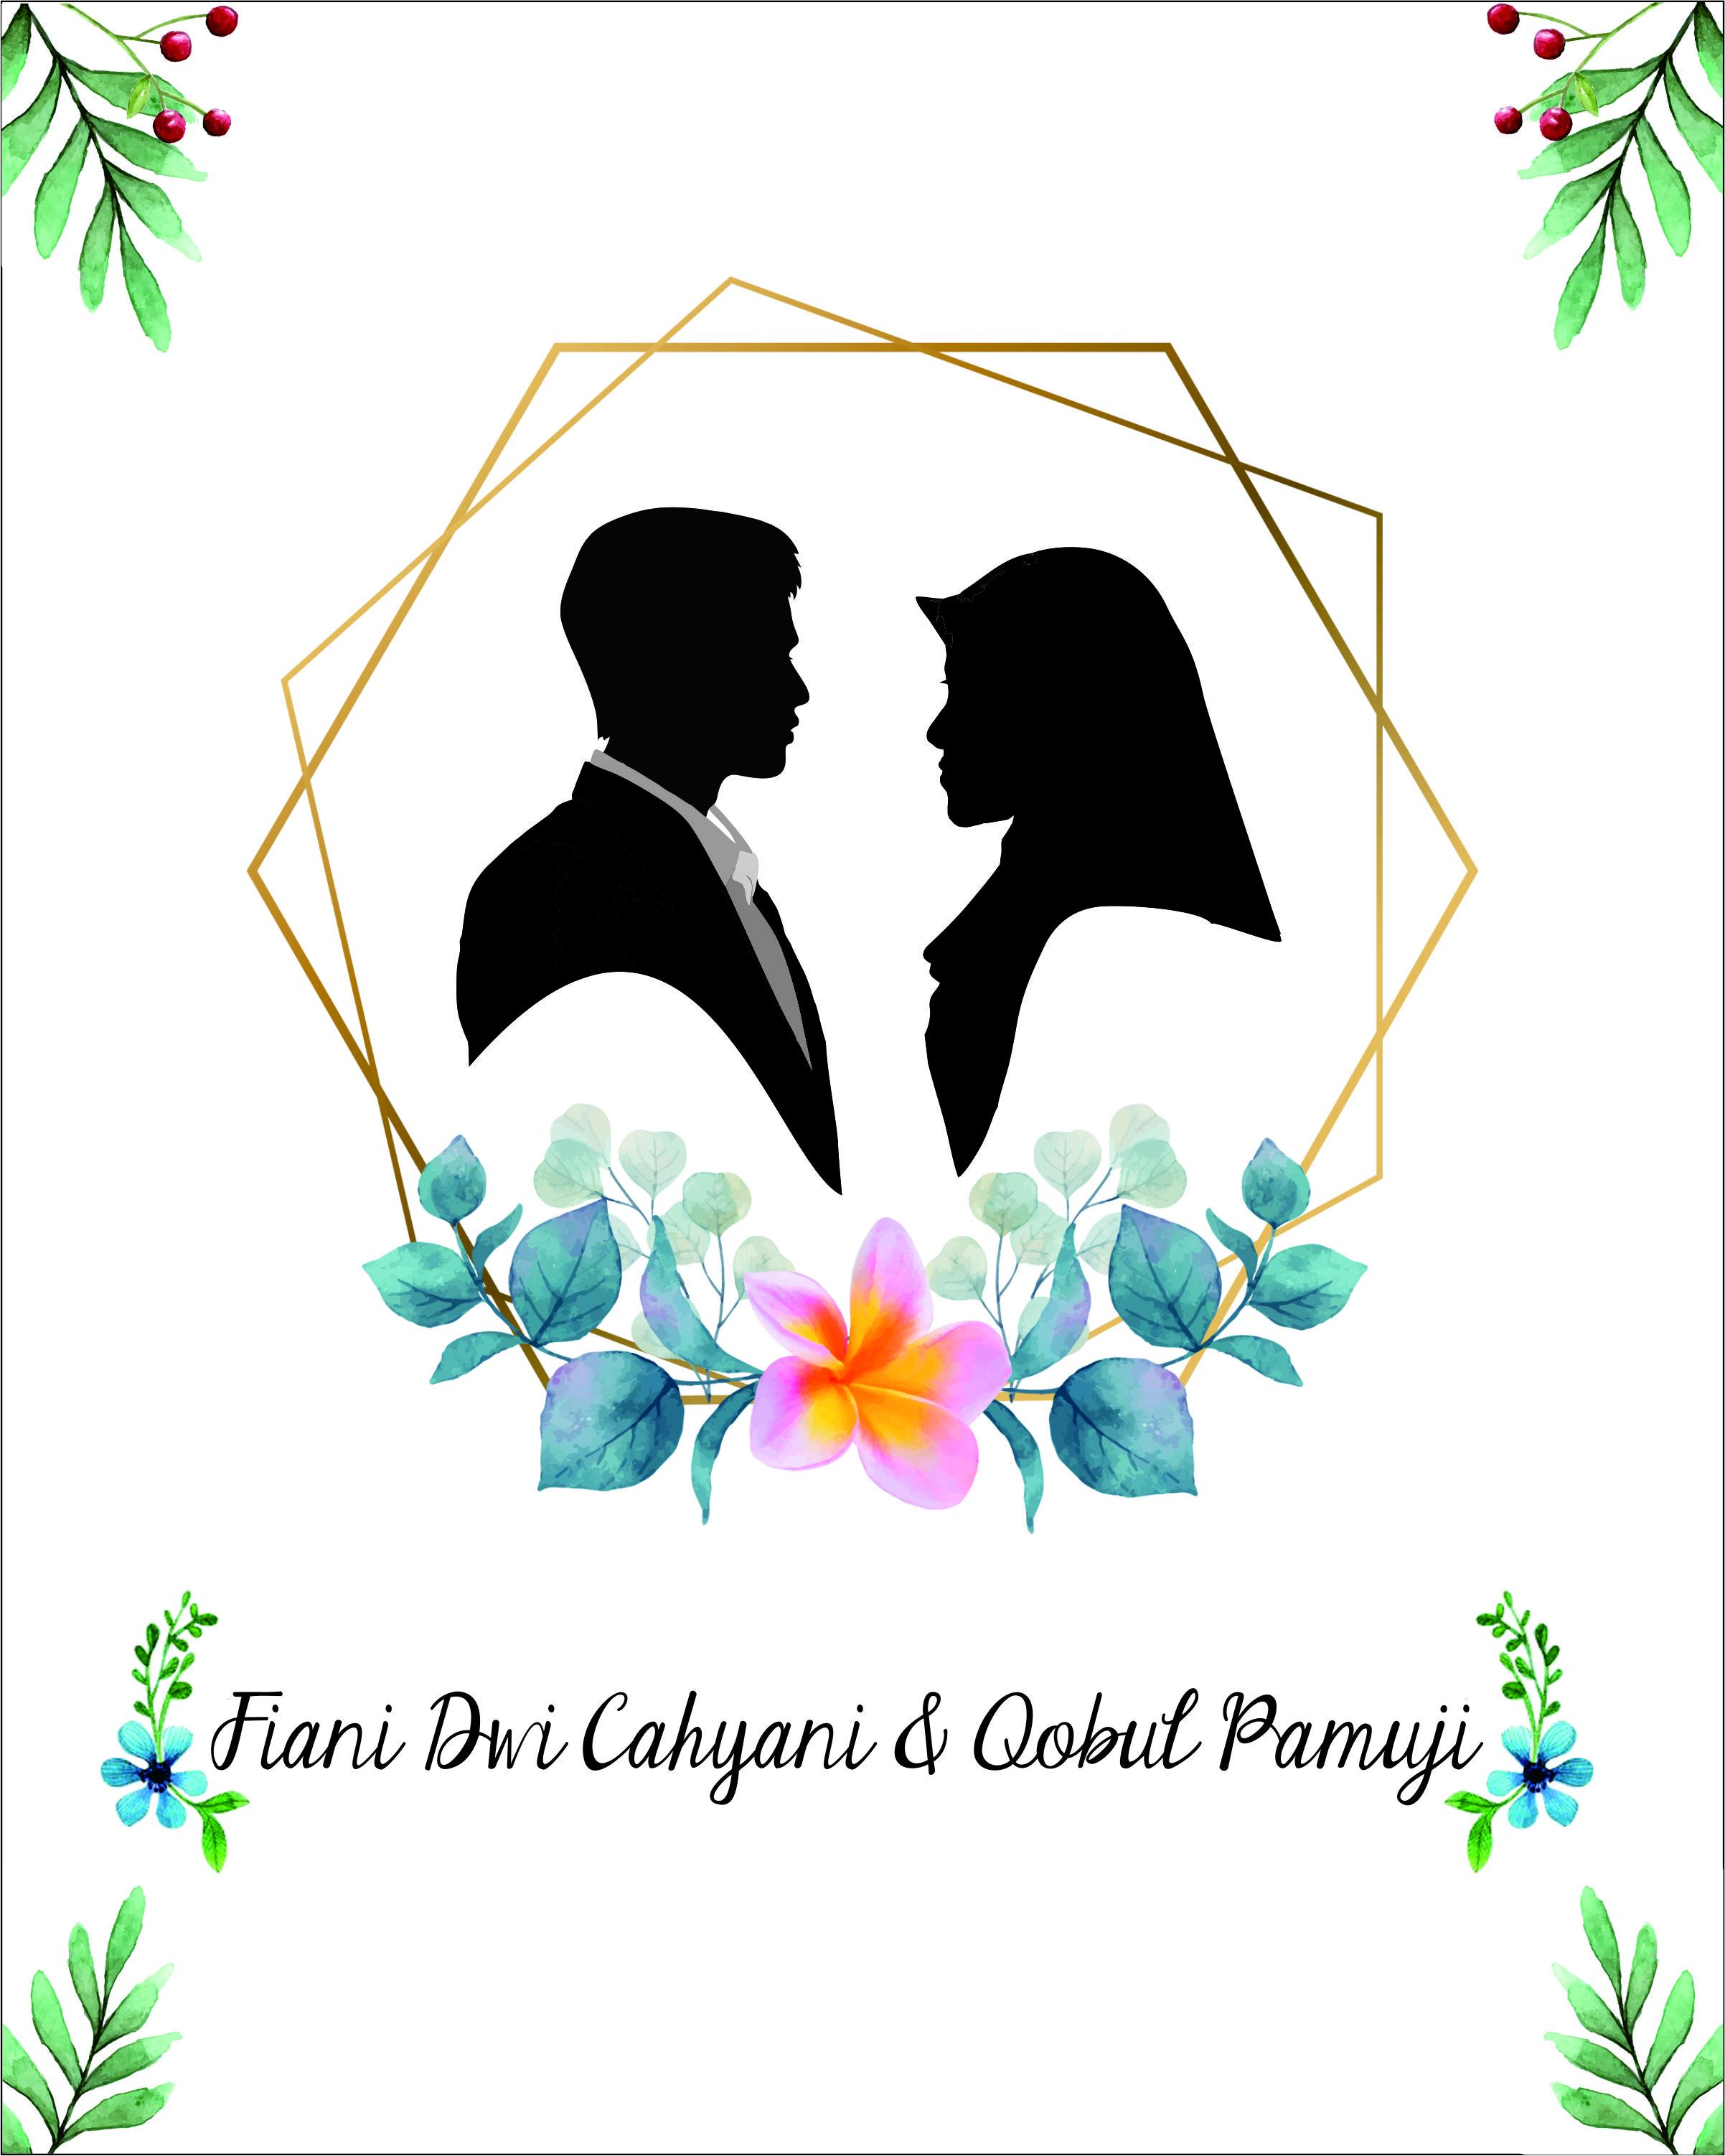 Pin Oleh Olic Id Di Animasi Wedding Kartu Pernikahan Gambar Pengantin Kartu